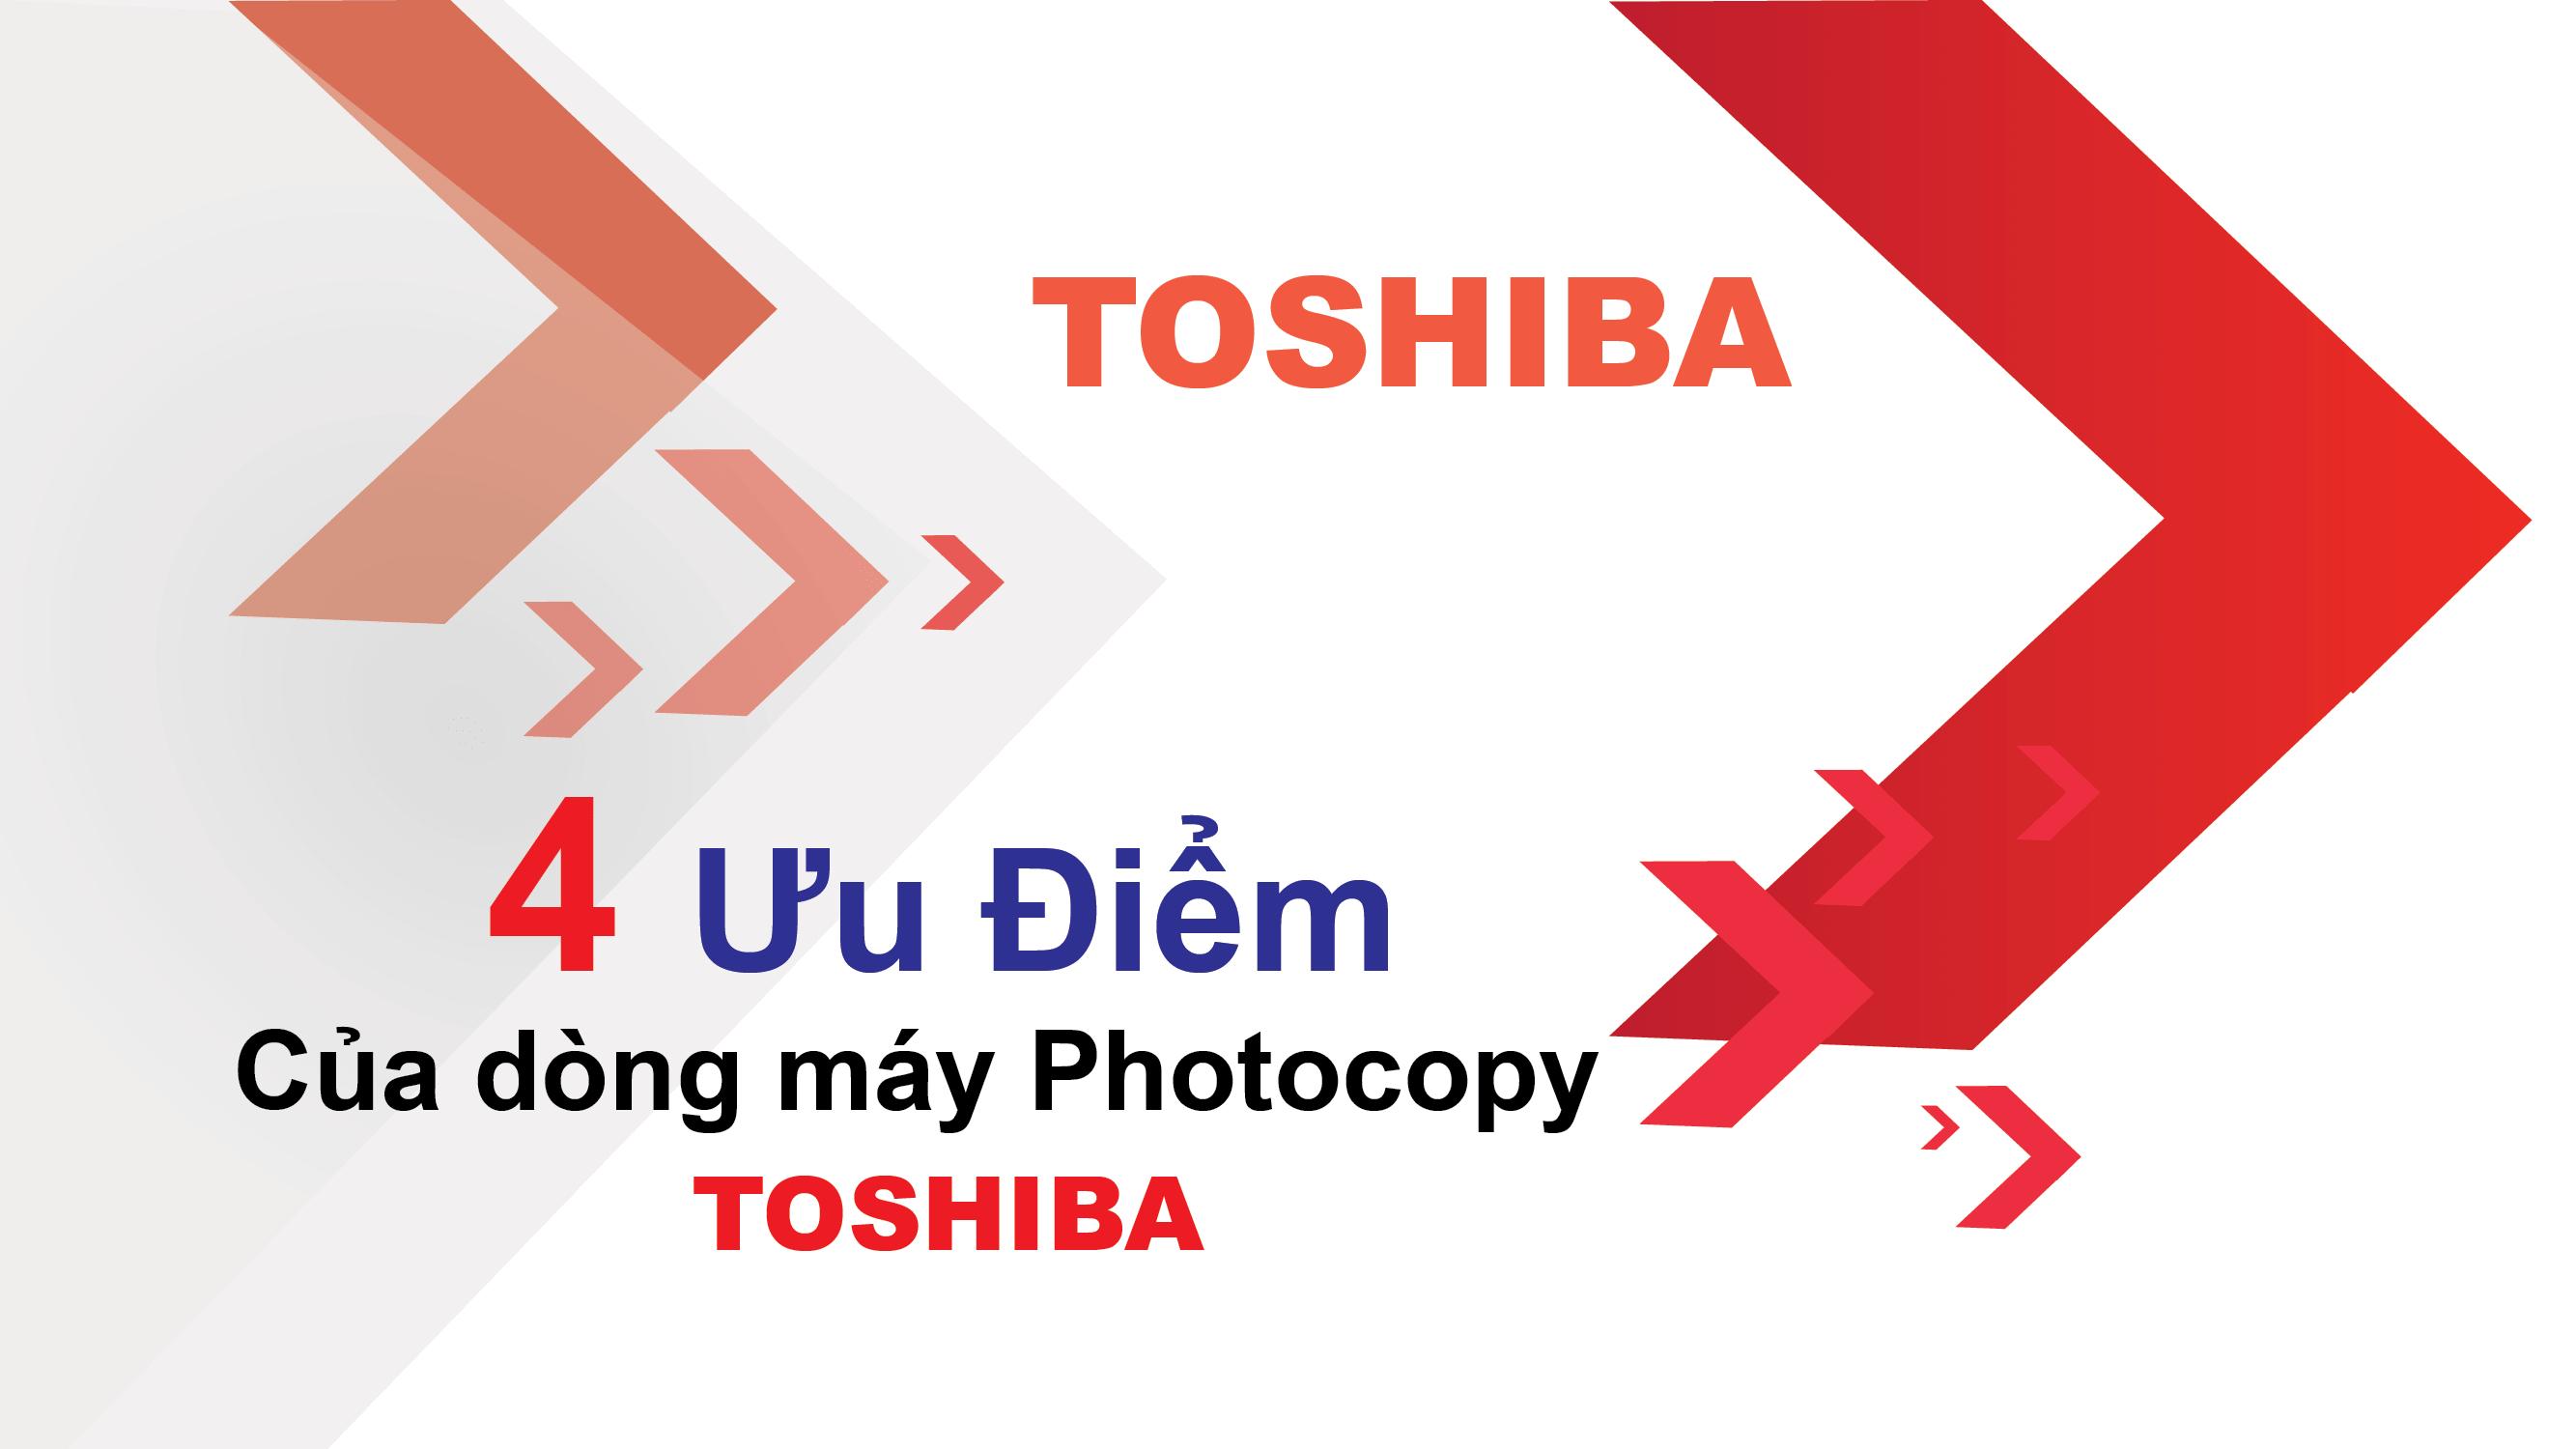 4-uu-diem-cua-dong-may-photocopy-toshiba-chinh-hang